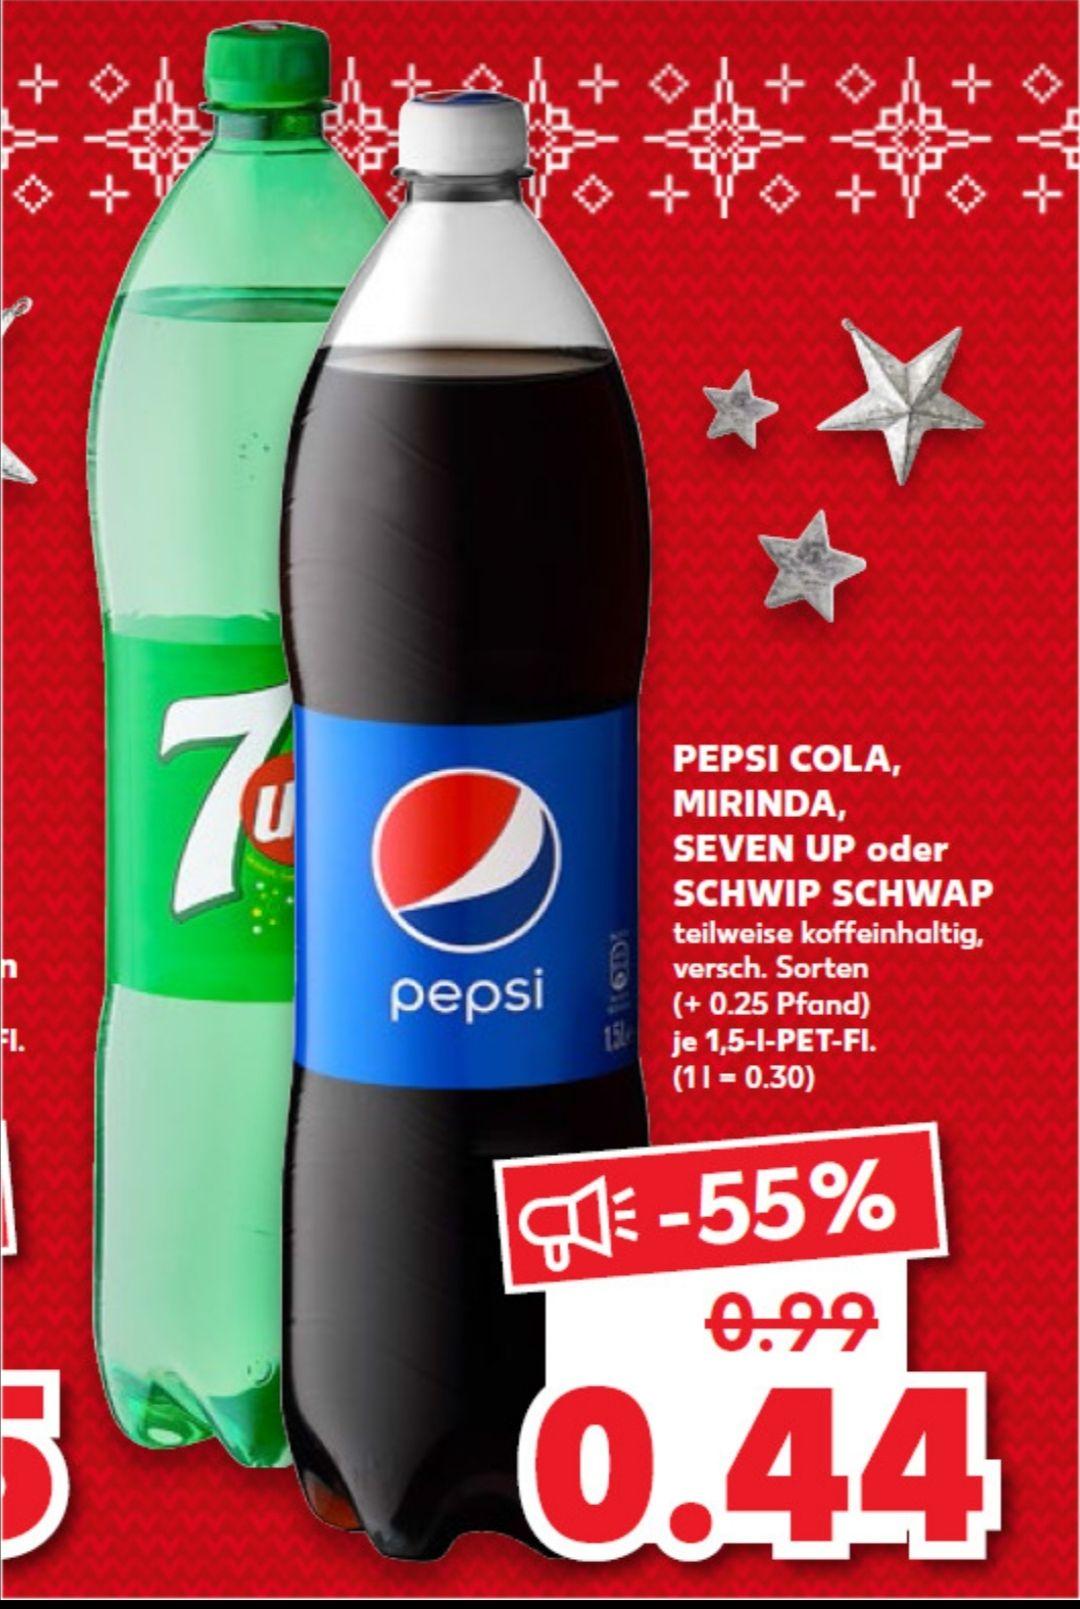 15 Liter Pepsi, Schwip Schwap und Co. Für effektiv 3,40€ dank Scondoo